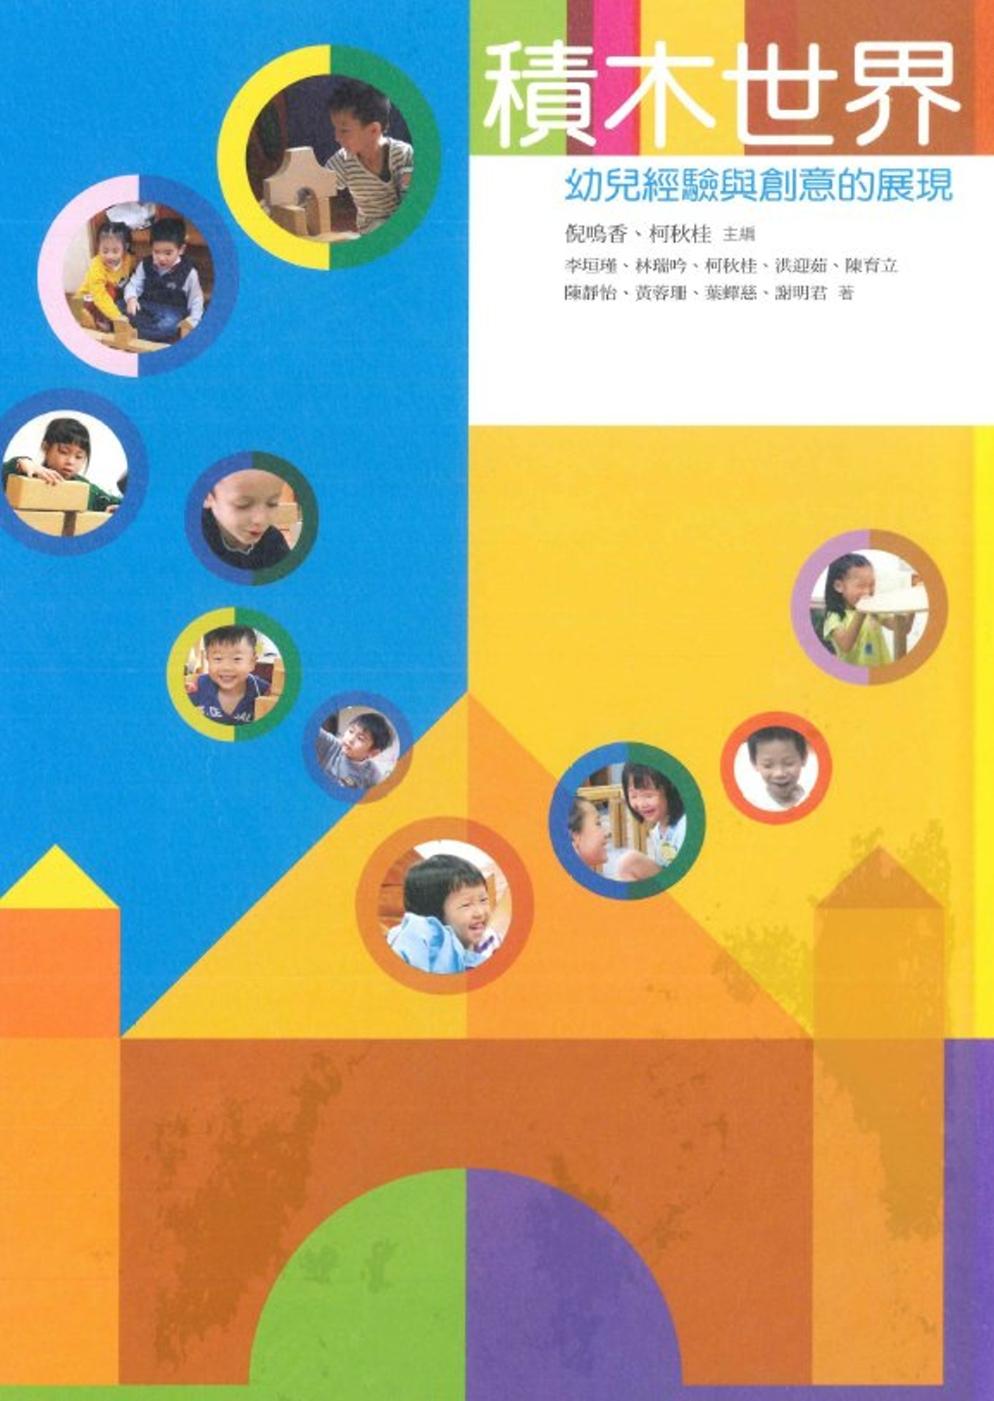 積木世界:幼兒經驗與創意的展現